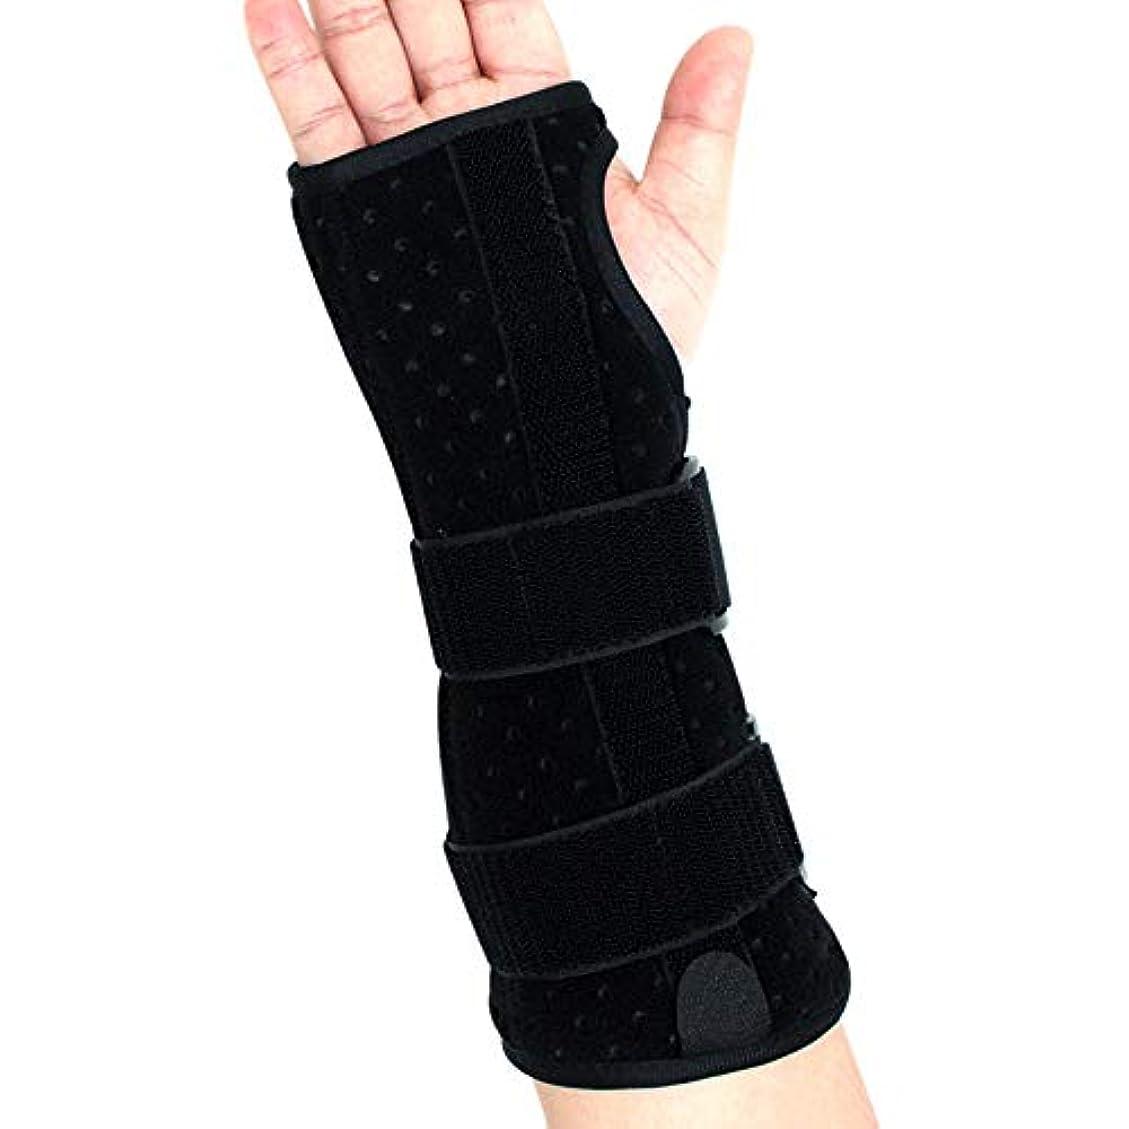 グレードやさしいミンチ手首サポートブレース、怪我、スポーツ、ジム、繰り返しの緊張などのためのクッション付きパッド付き軽量スプリント デザイン,Righthand,L